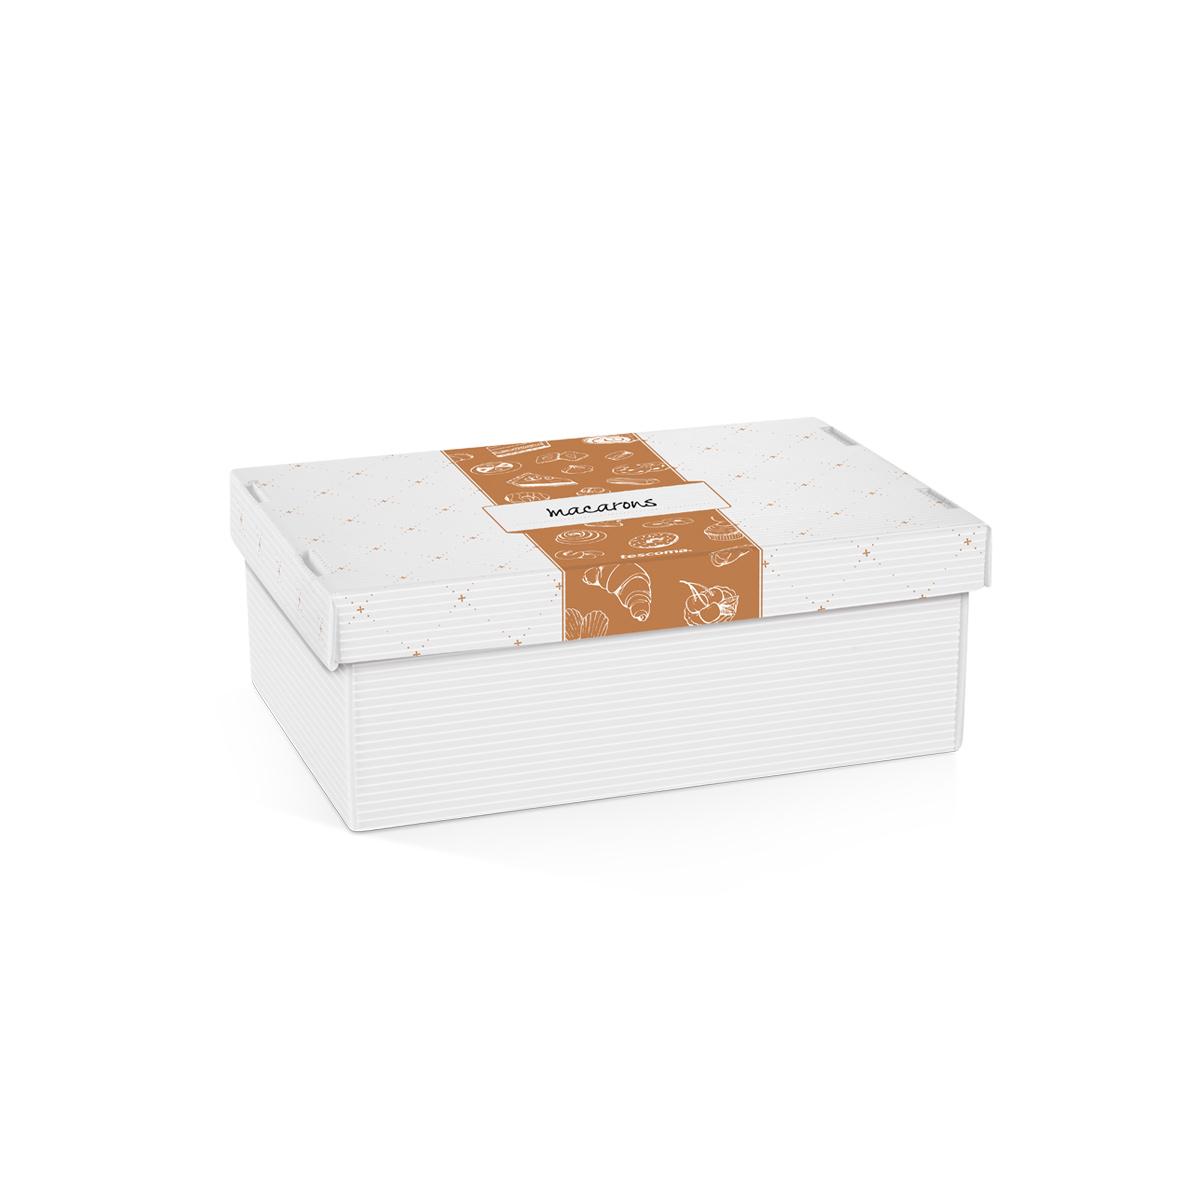 Krabice na cukroví a lahůdky DELÍCIA, 28 x 18 cm